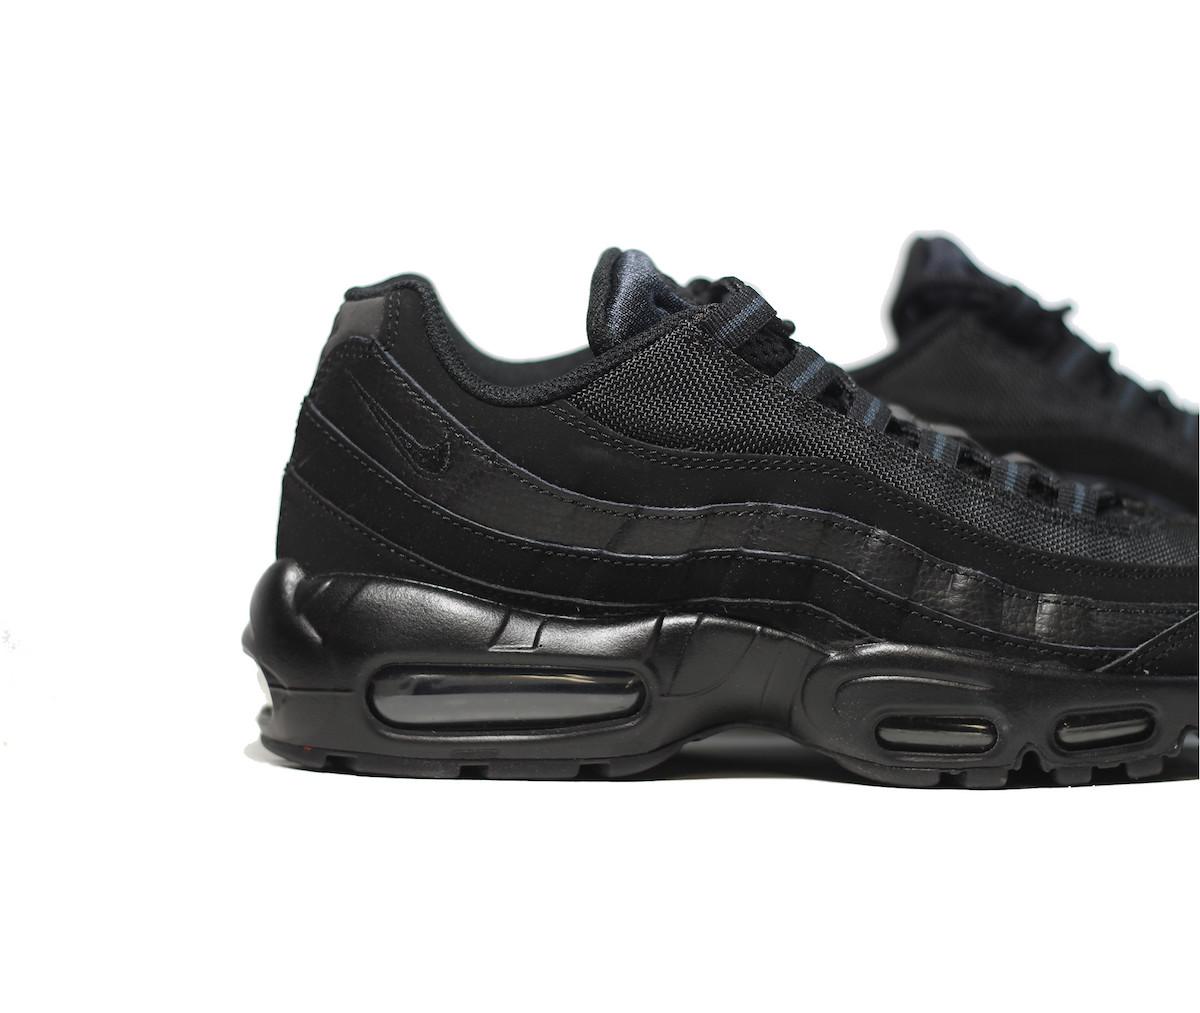 ... Nike Air Max Tn Requin Black White D26122; brand shoes 0dc12 b0283 air  max 95 black black ...